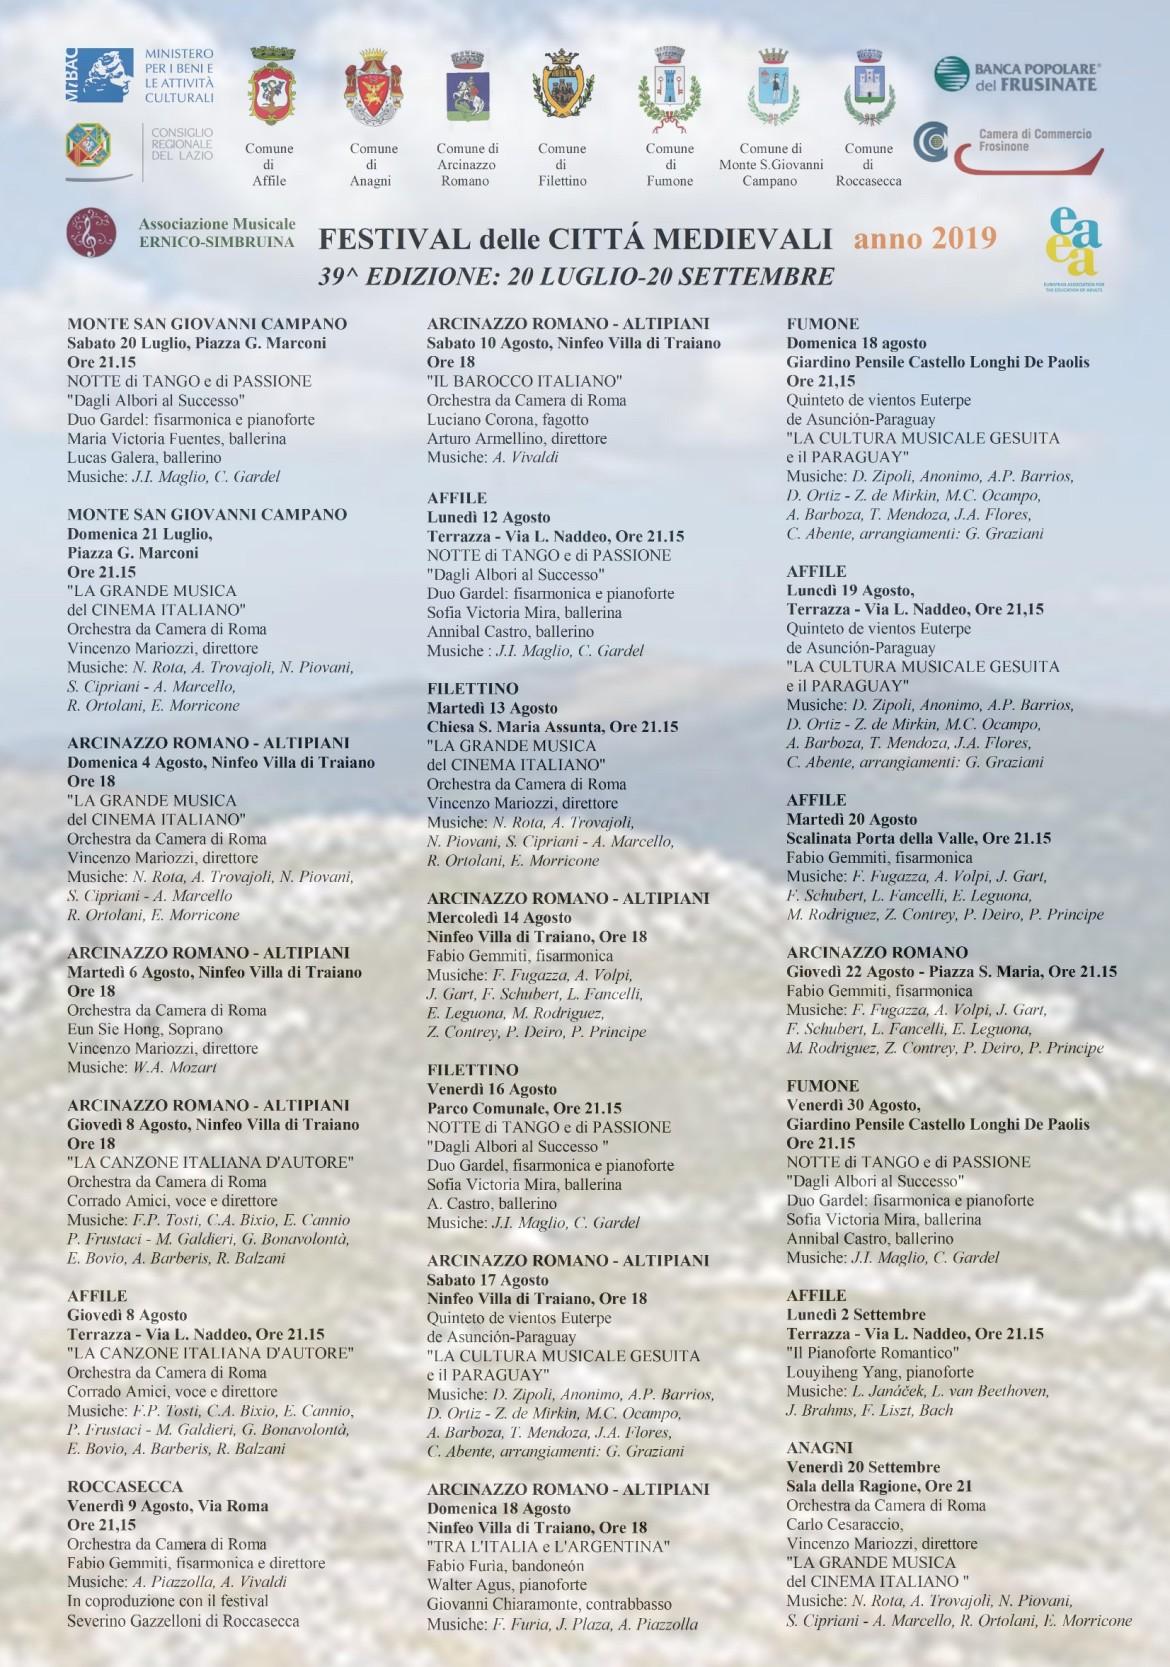 manifesto festival città medievali completo